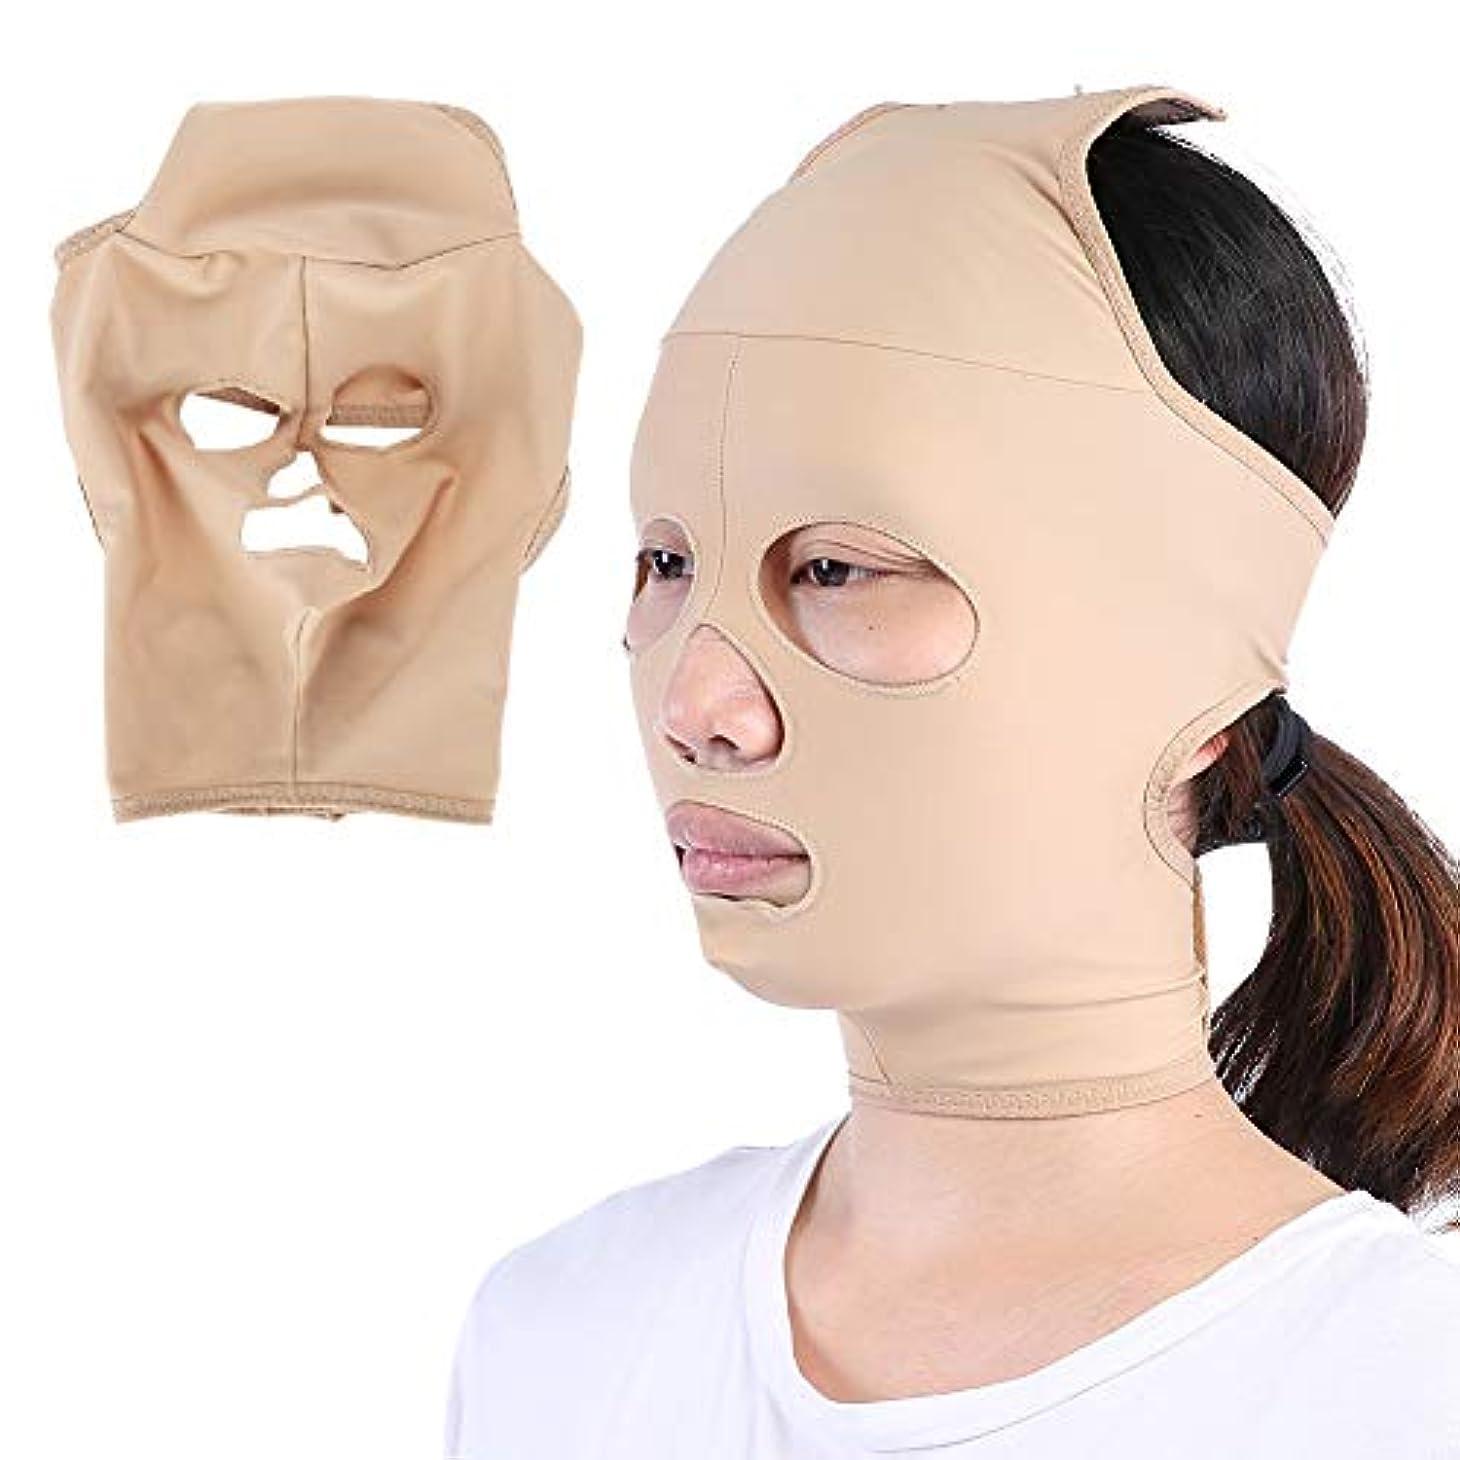 顔の减量のベルト、完全なカバレッジ 顔のVラインを向上させる 二重顎を減らす二重顎、スキンケア包帯(L)